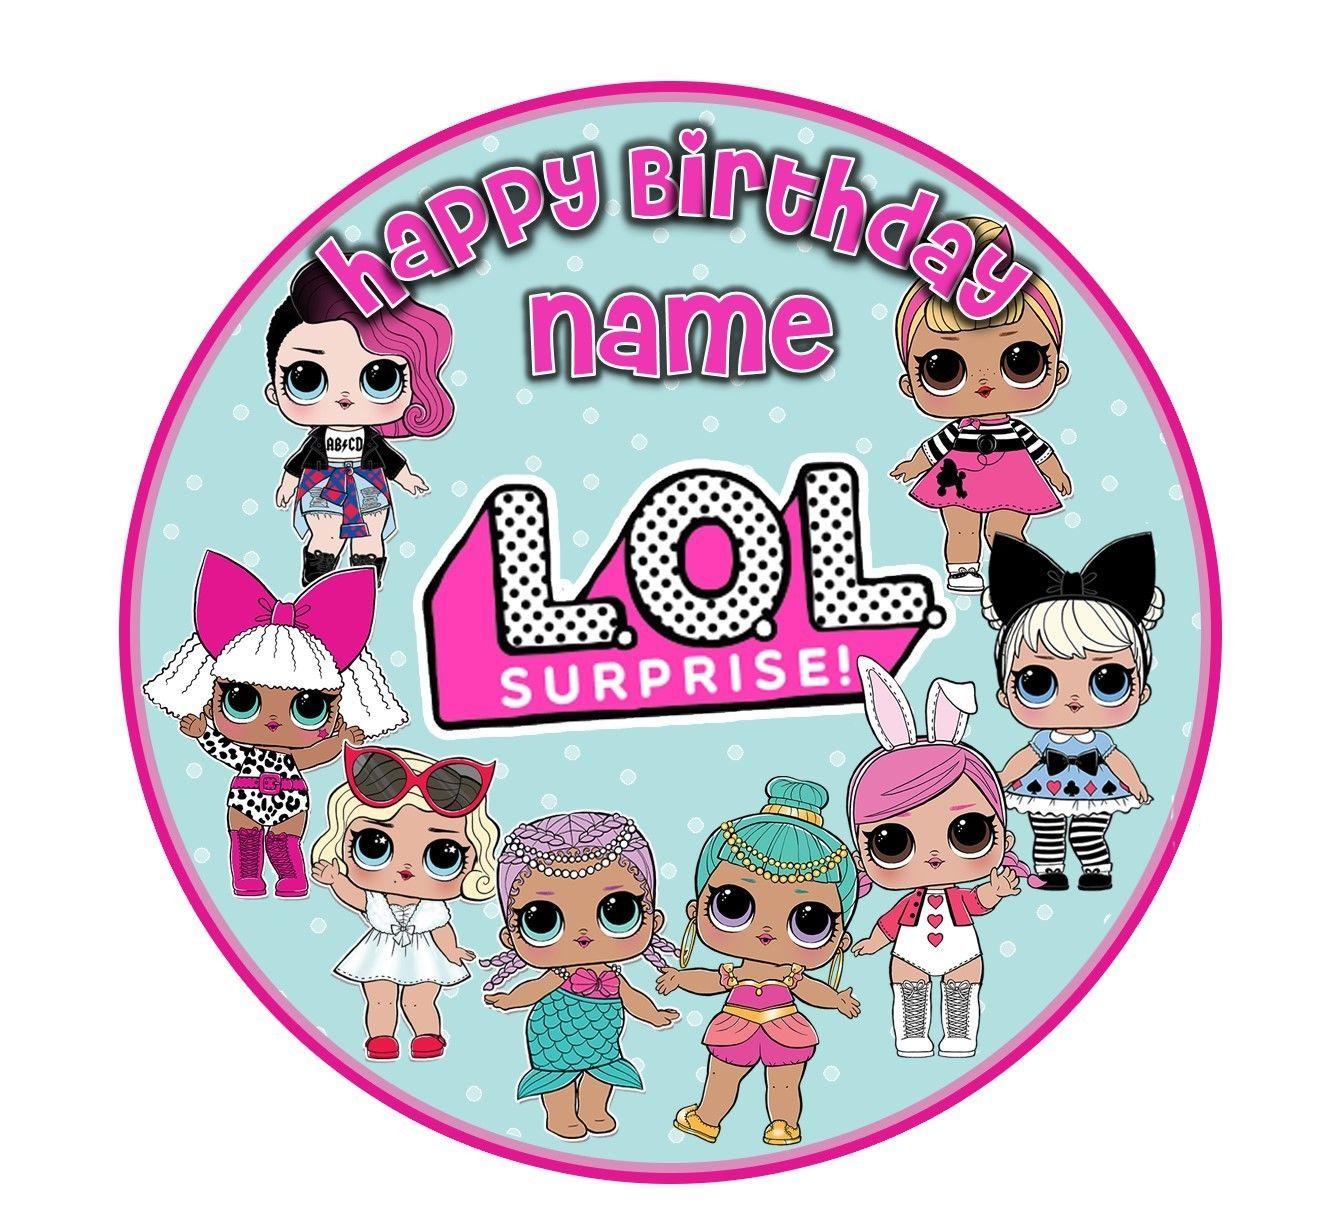 Картинка с куклами лол для торта